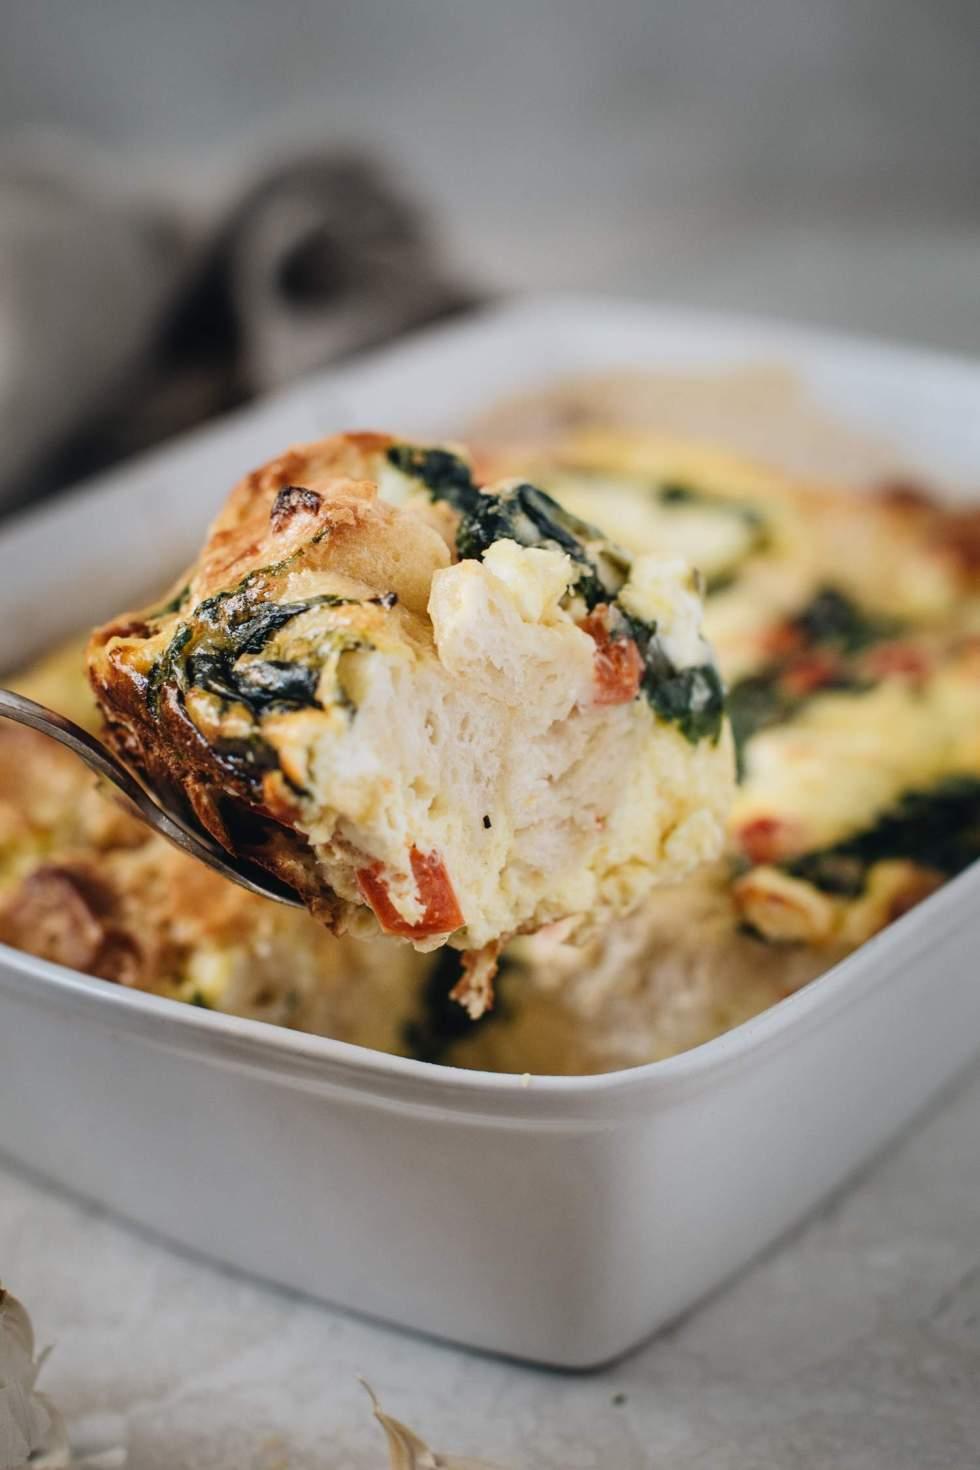 breakfast casserole slice on serving fork